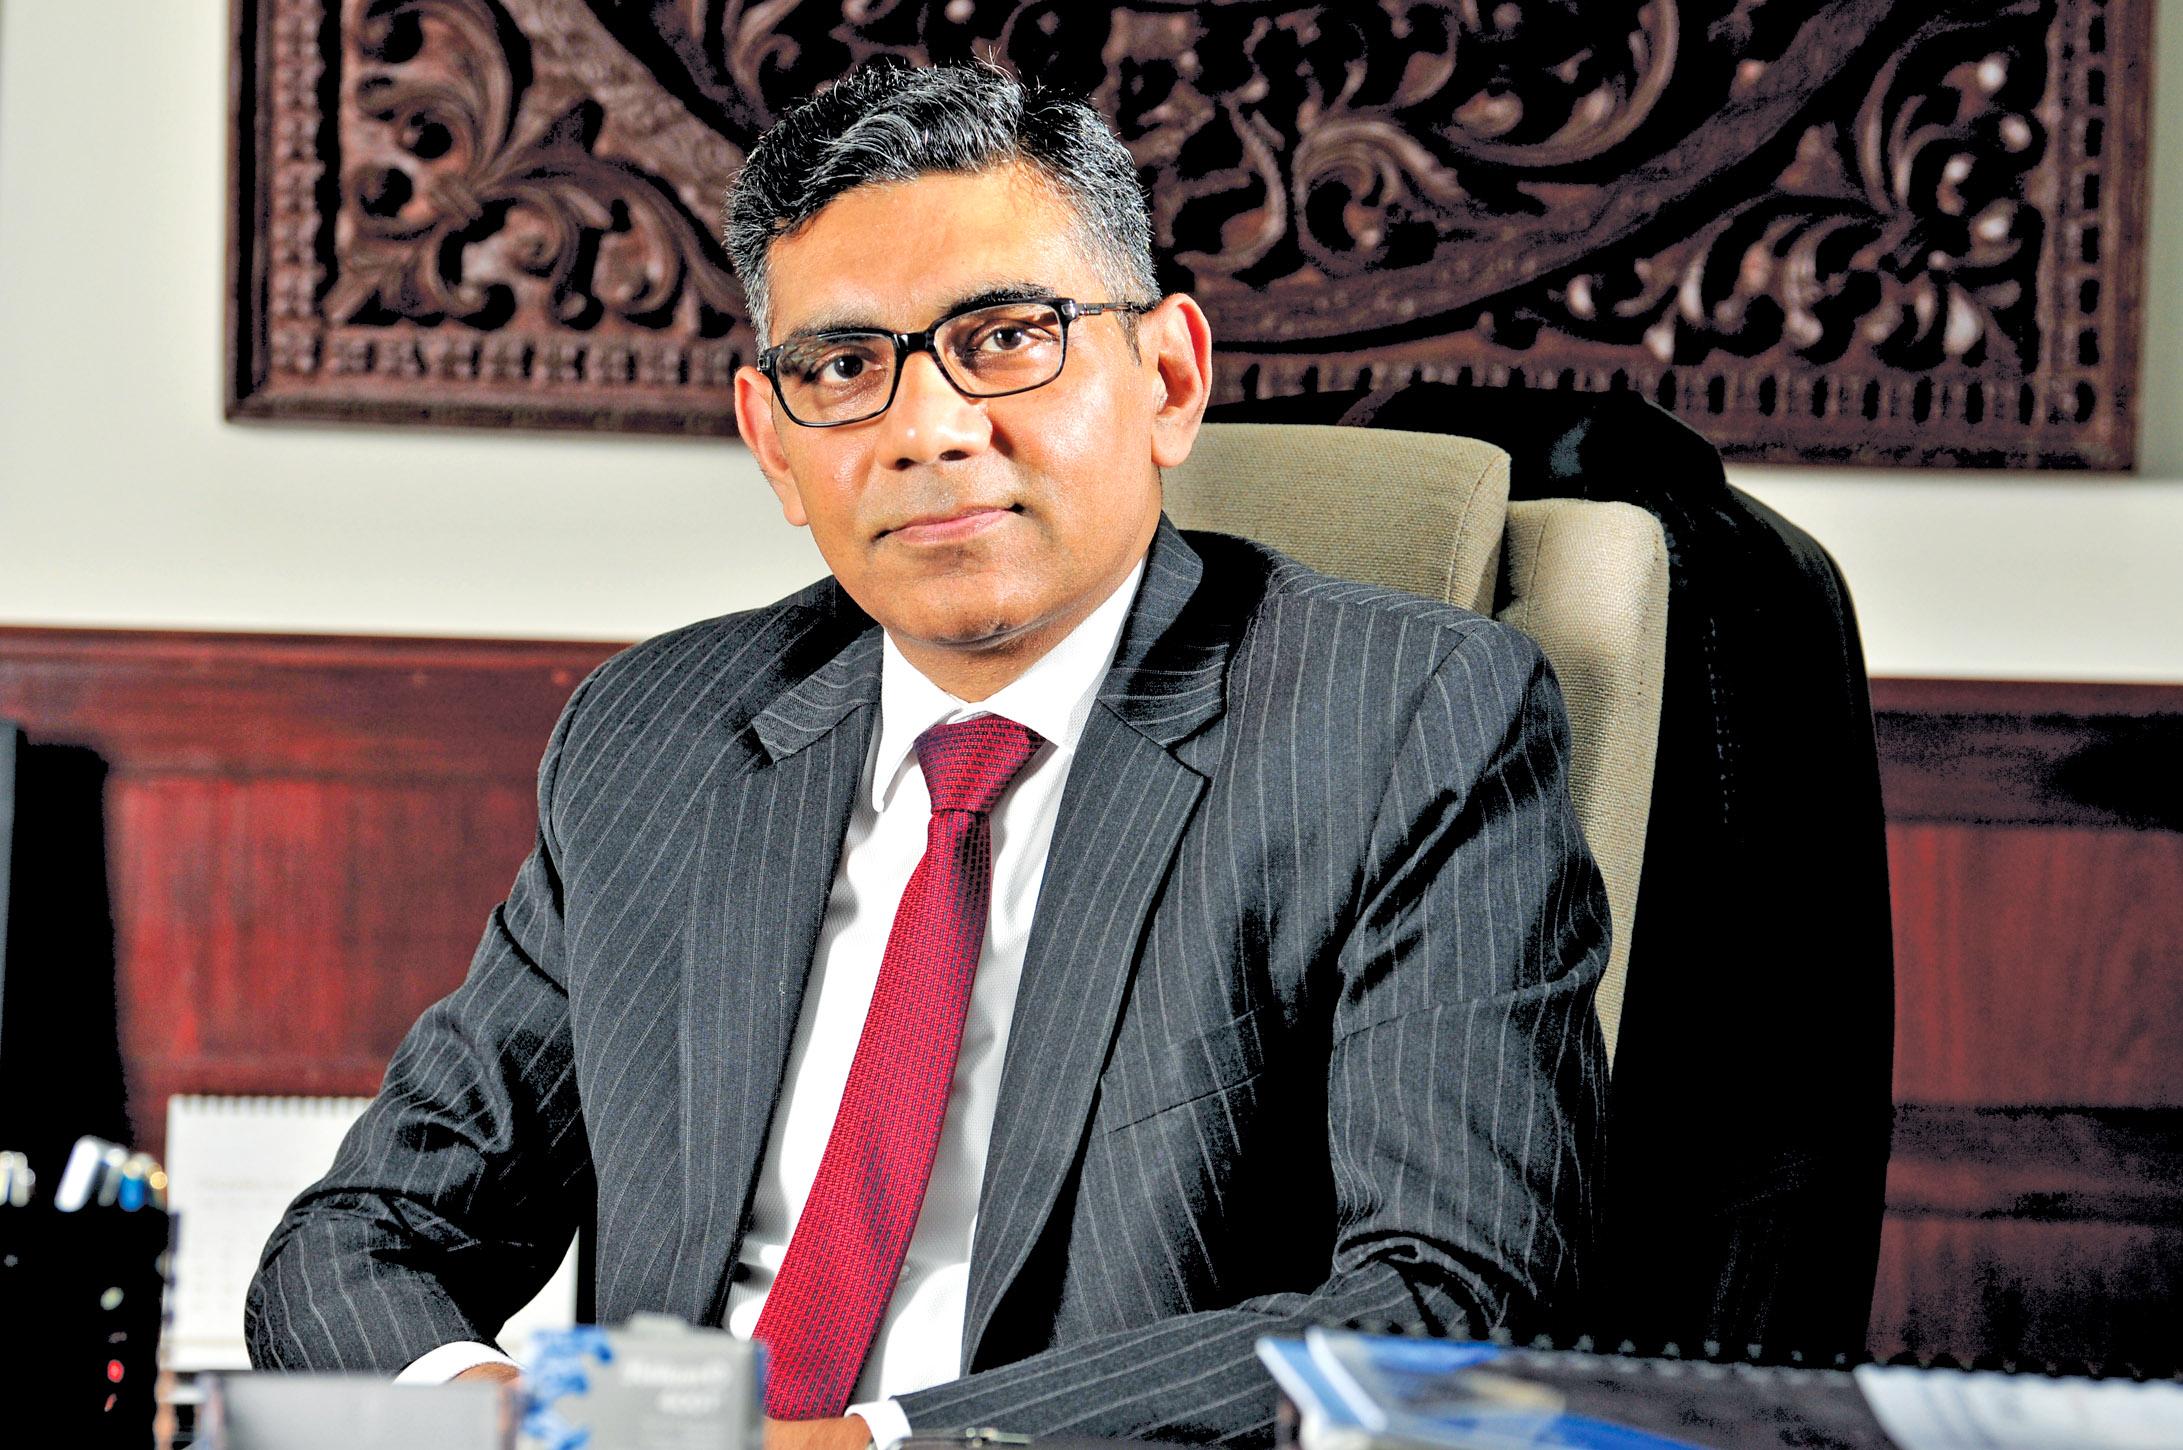 التبادل التجاري بين السلطنة والهند يتجاوز 3 بليون دولار